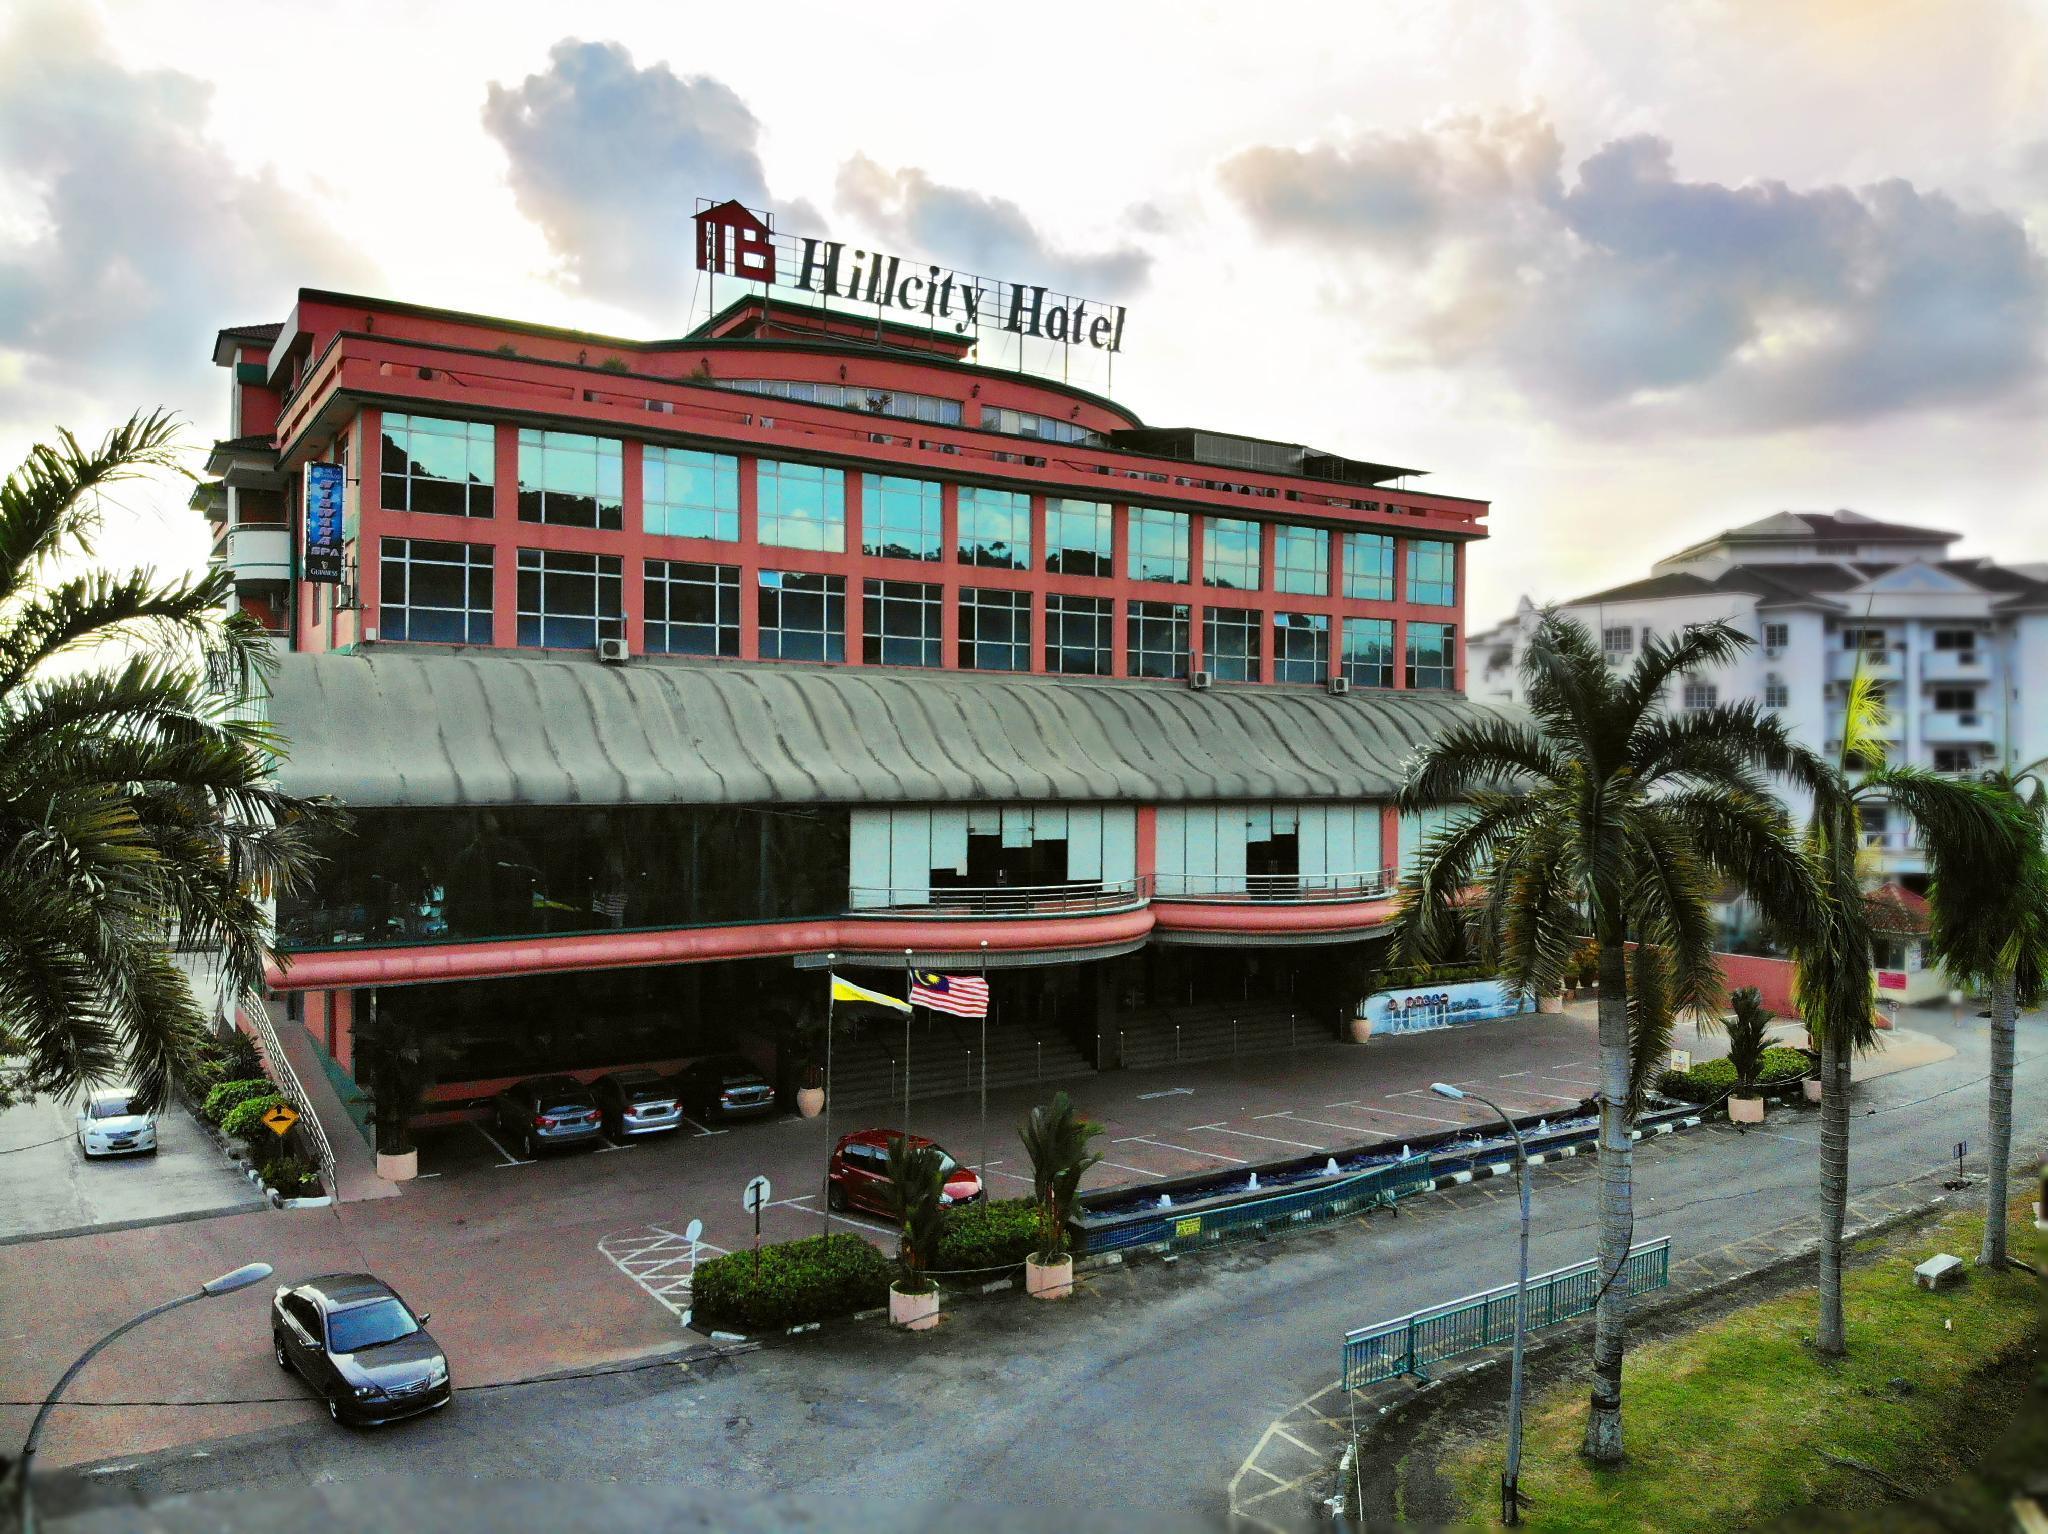 Hillcity Hotel And Condo